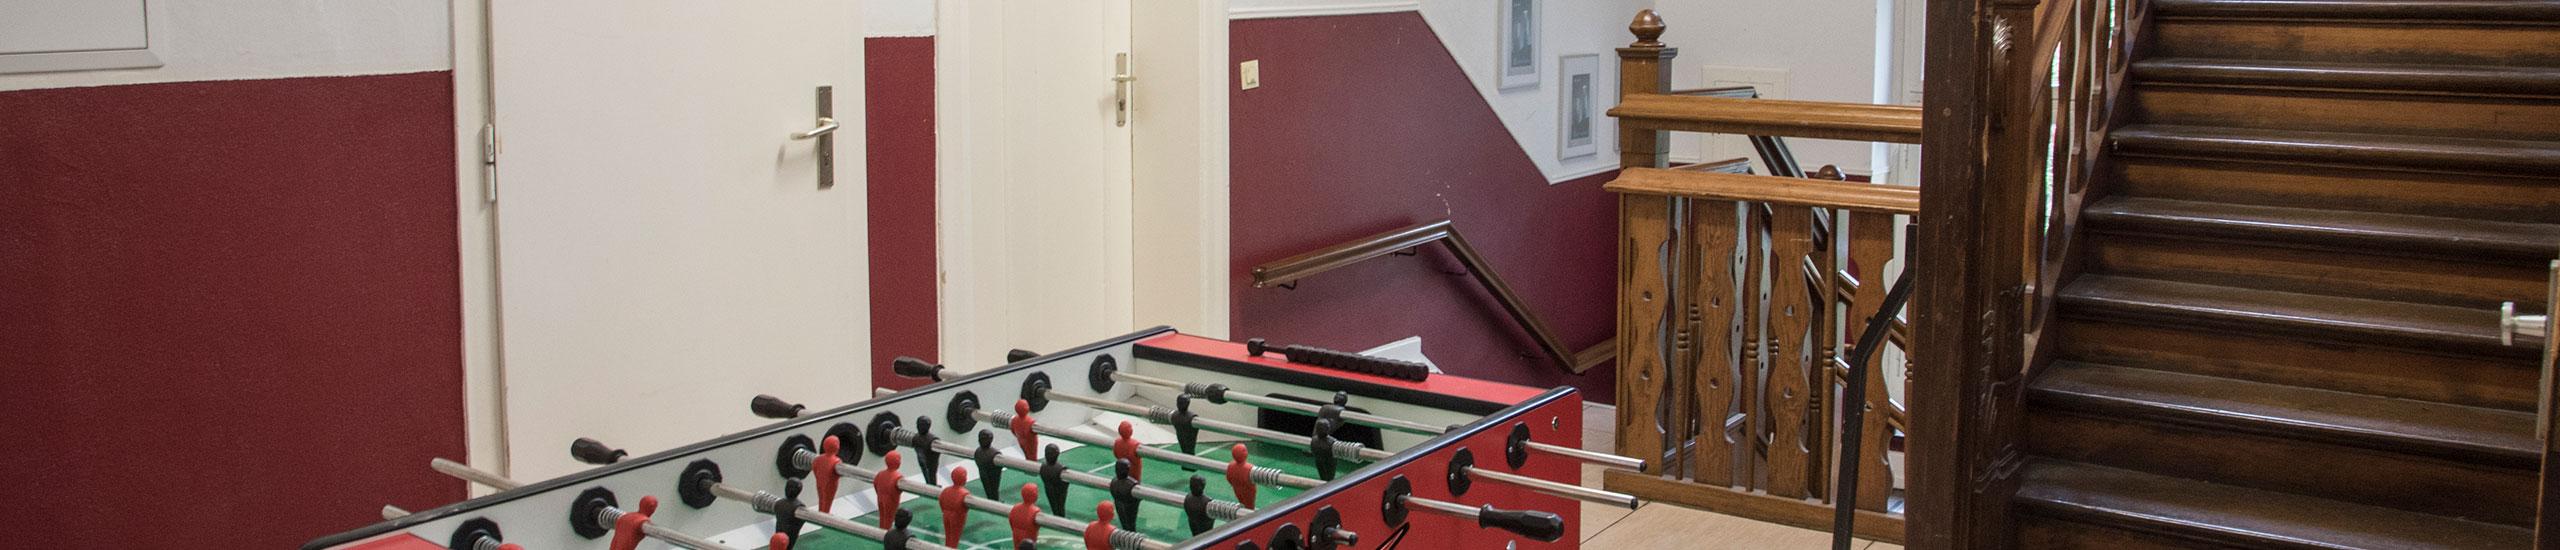 Kinder- und Jugendeinrichtung Die Villa